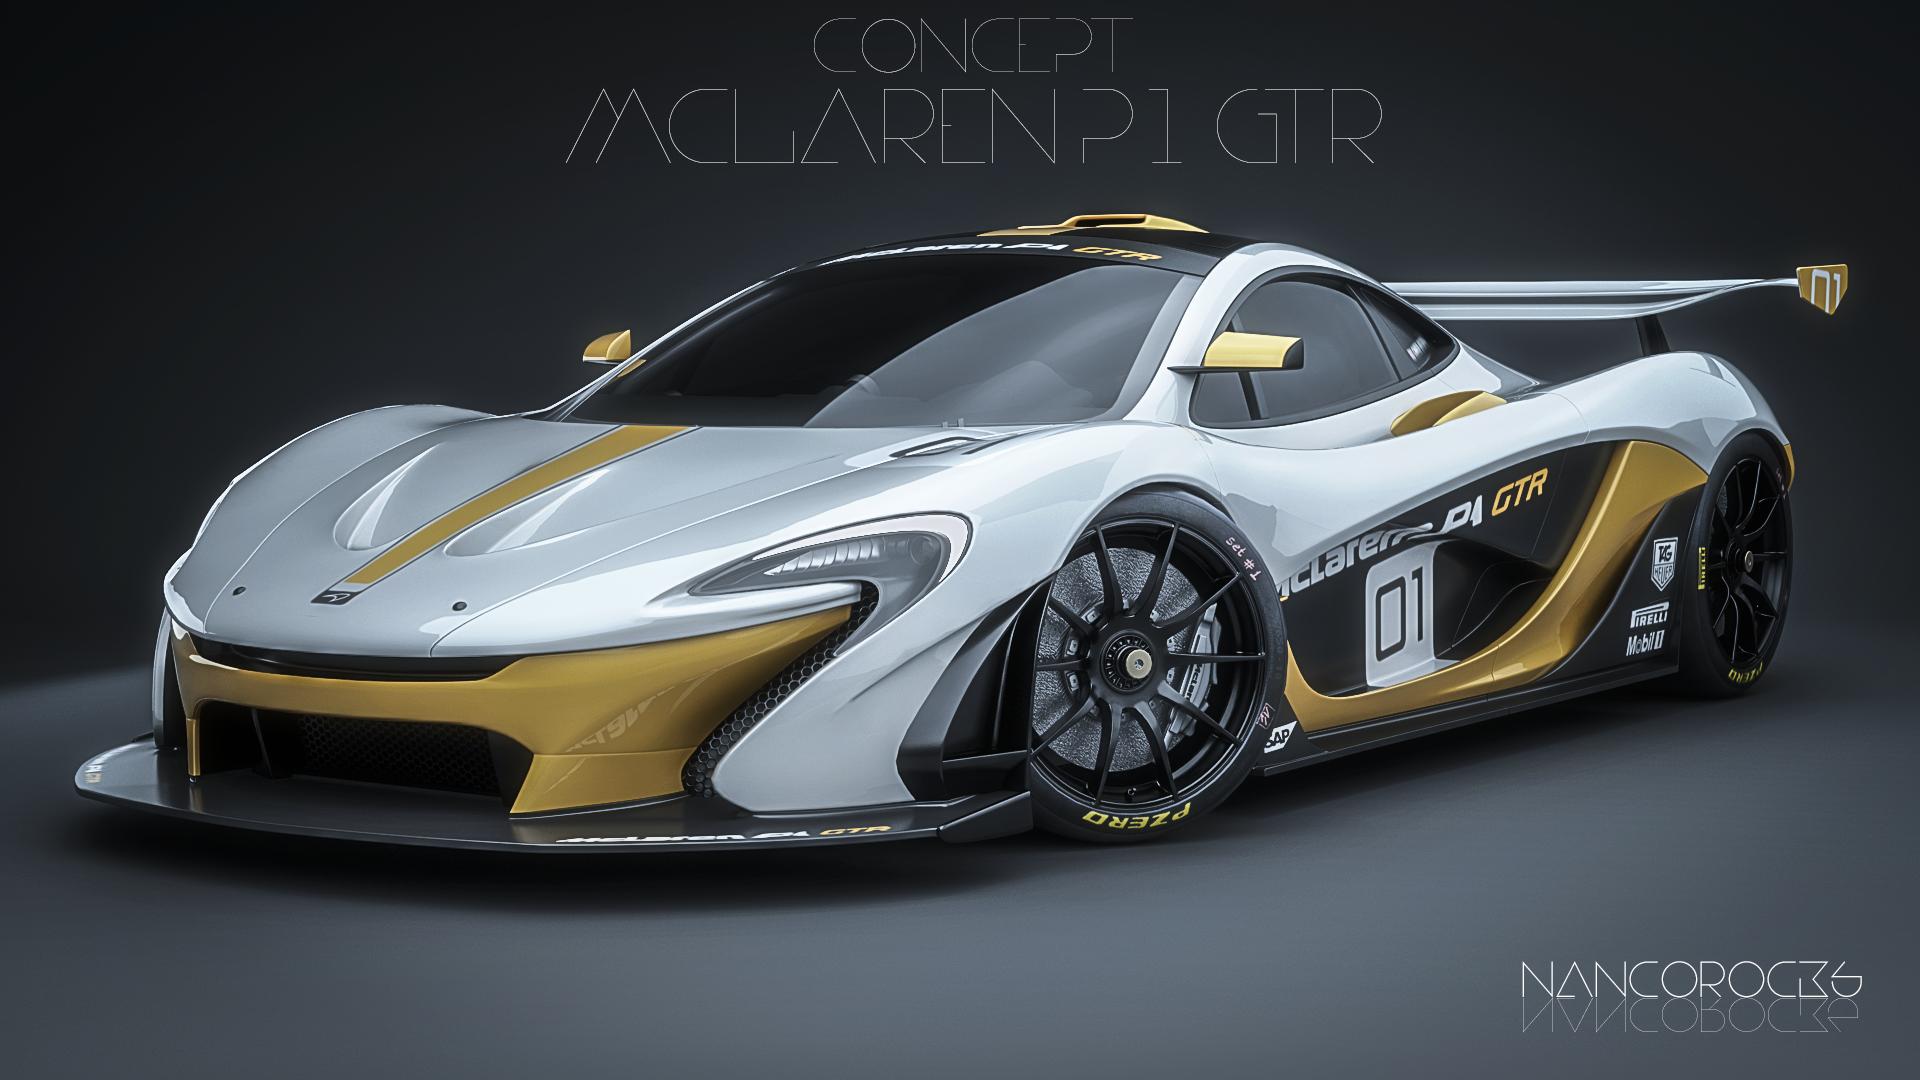 McLaren P1 GTR  Concept  by nancorocks on DeviantArt